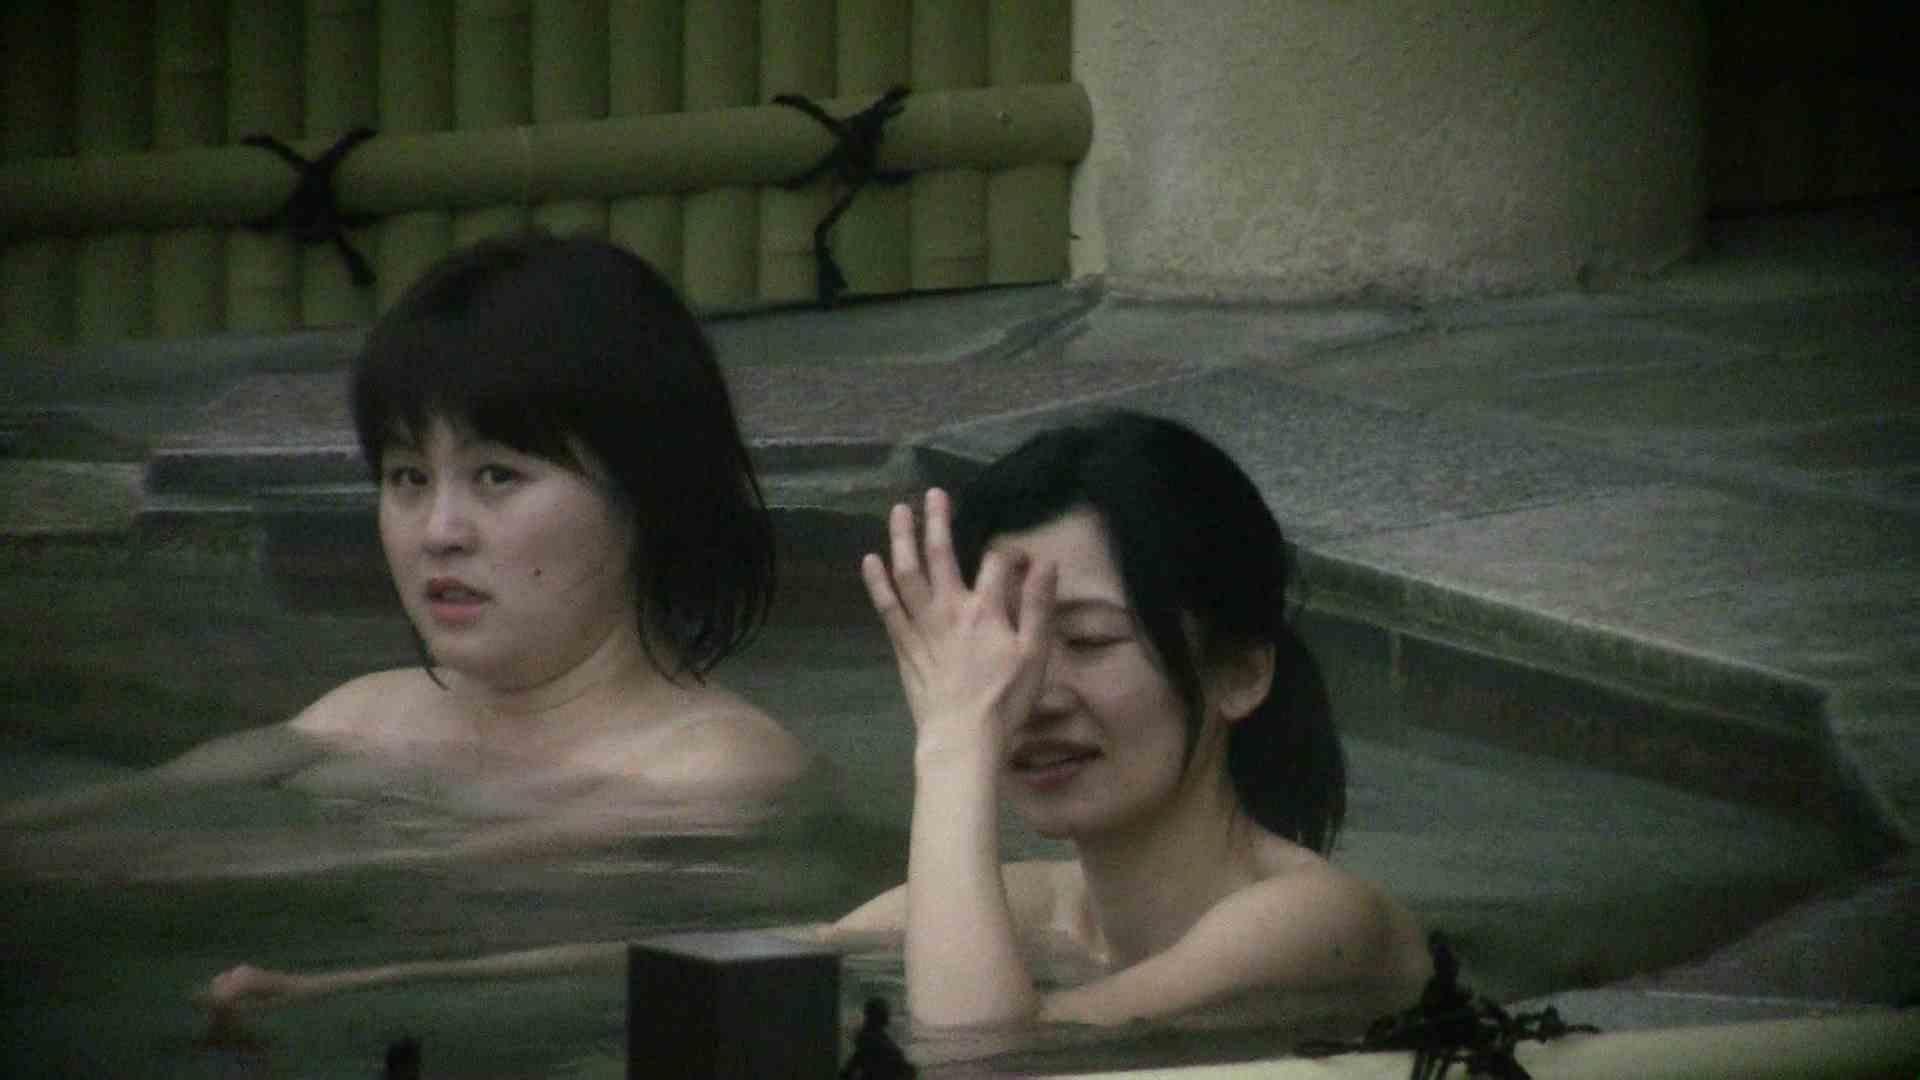 Aquaな露天風呂Vol.539 露天 | 綺麗なOLたち  50枚 25